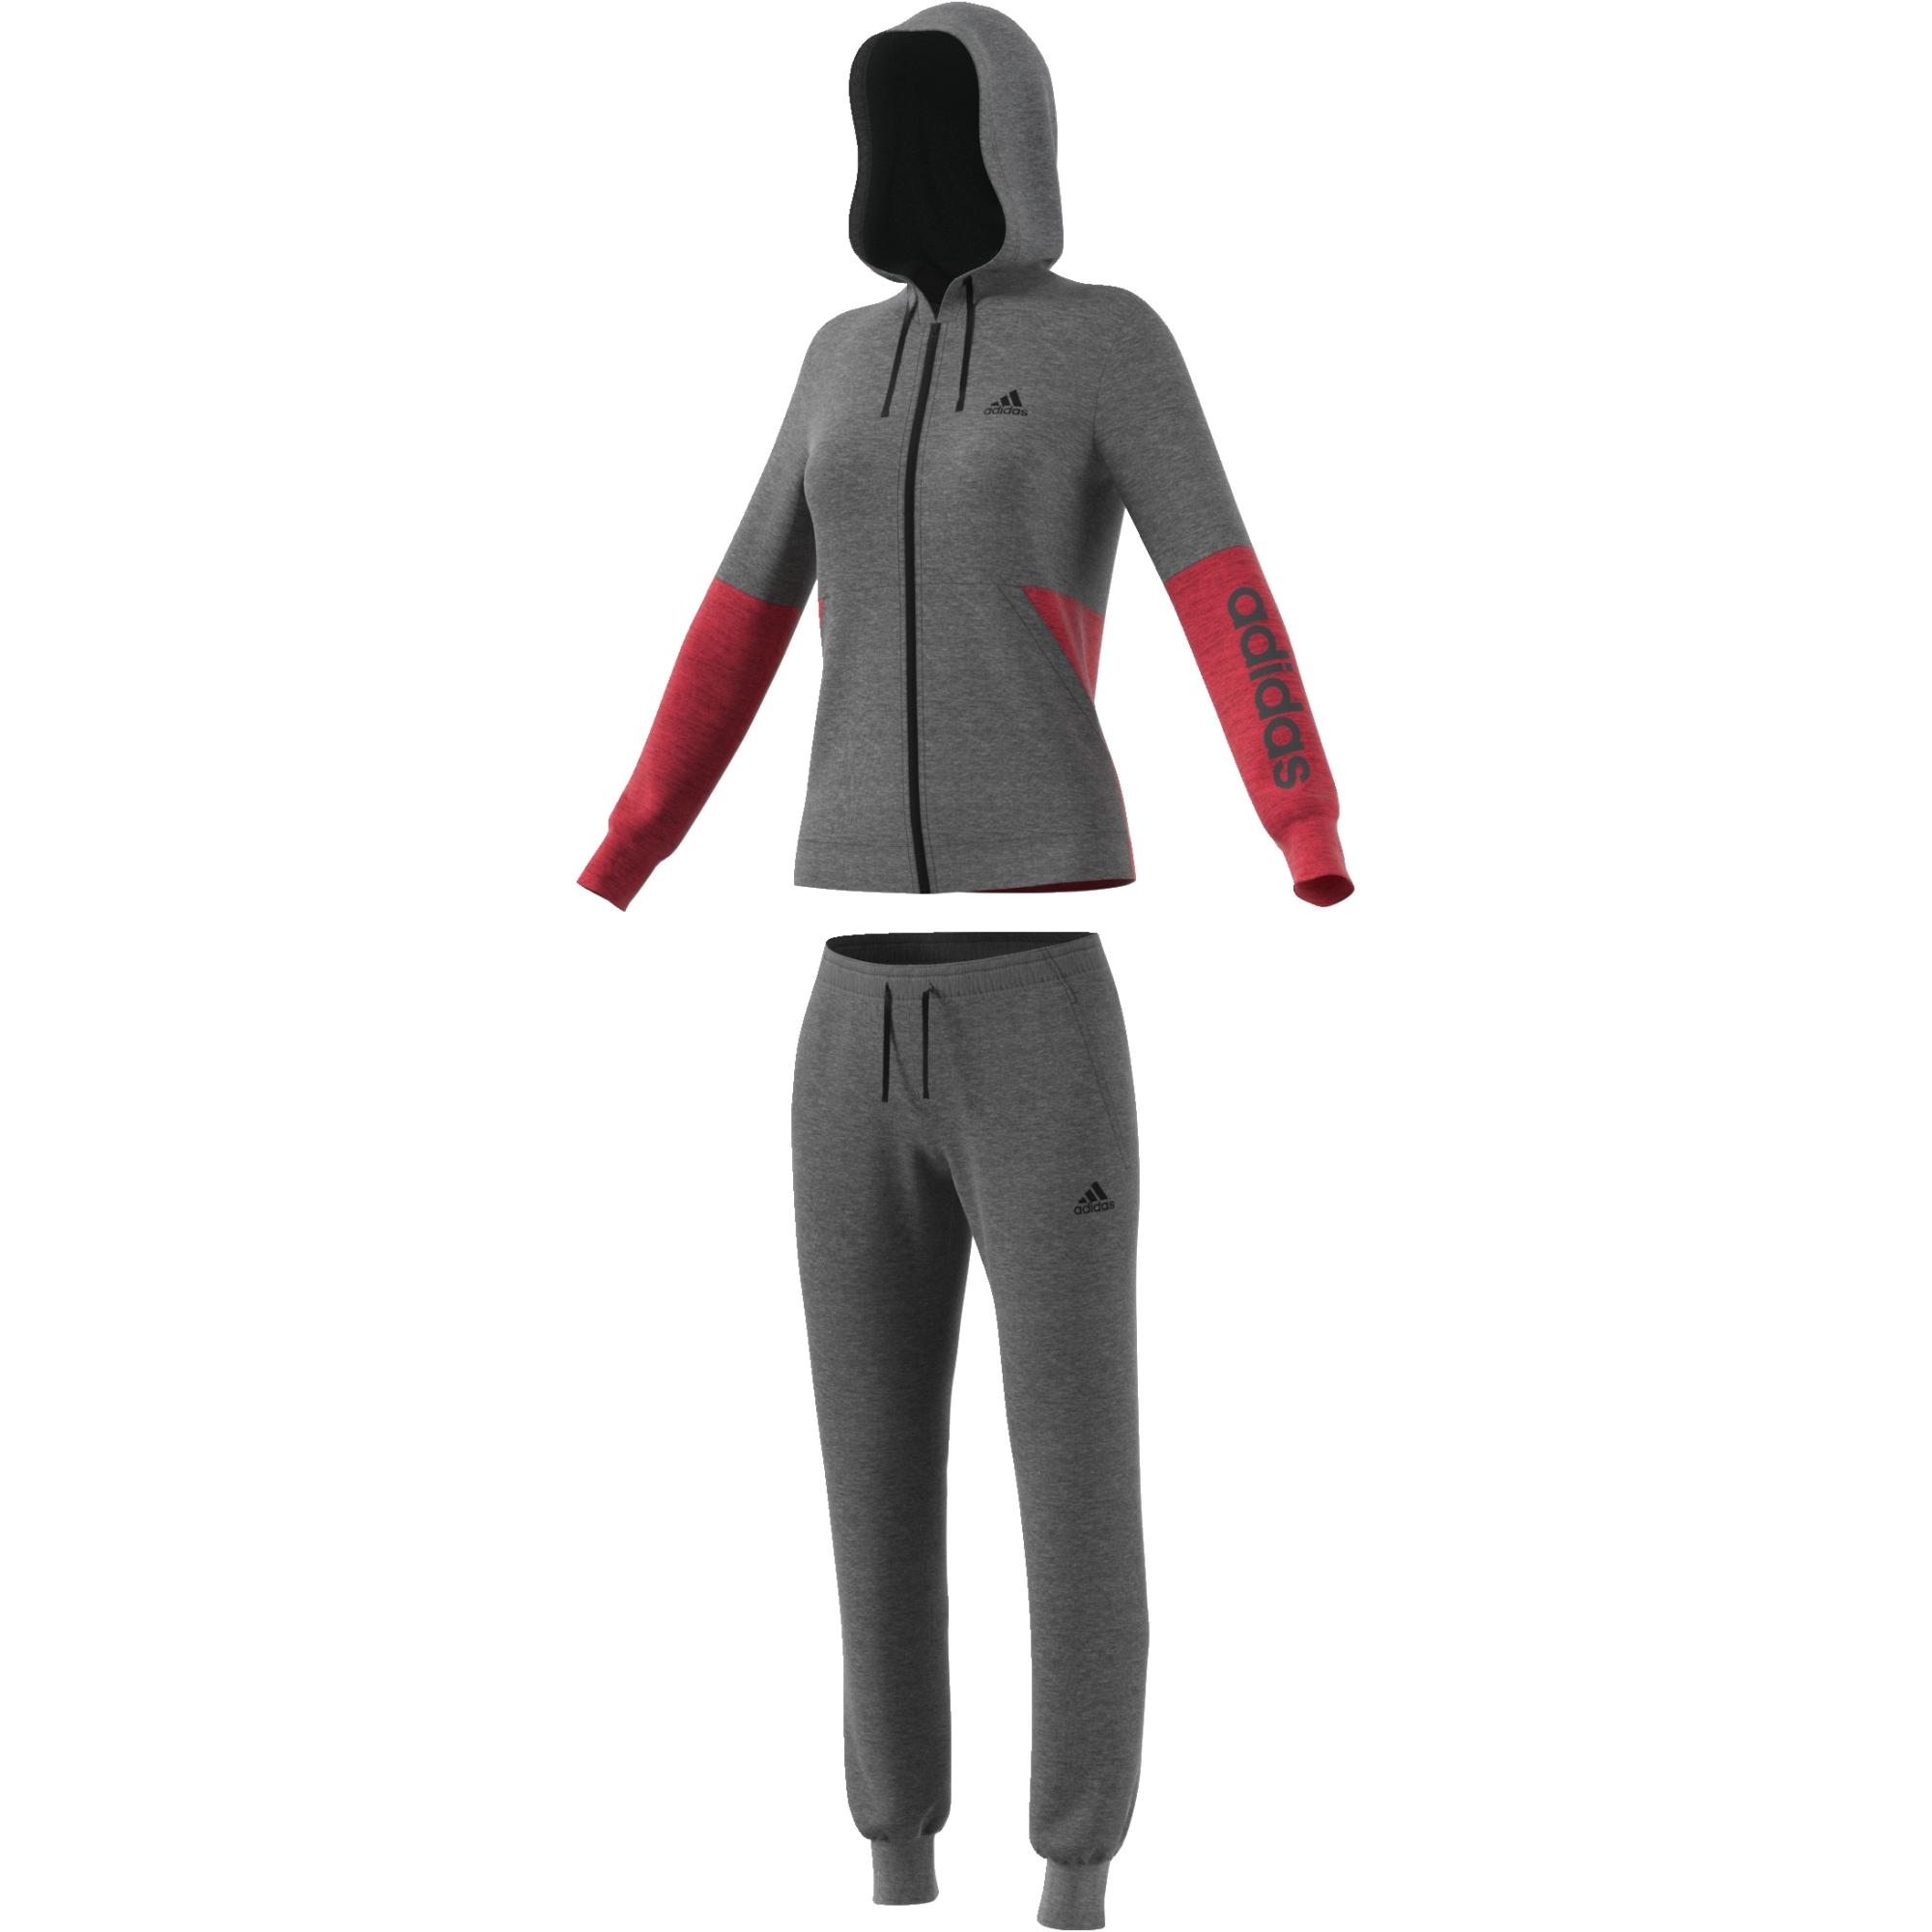 a84495873e99c Dámske oblečenie | Adidas dámska súprava - BK4684 | ŠPORT-NIKA